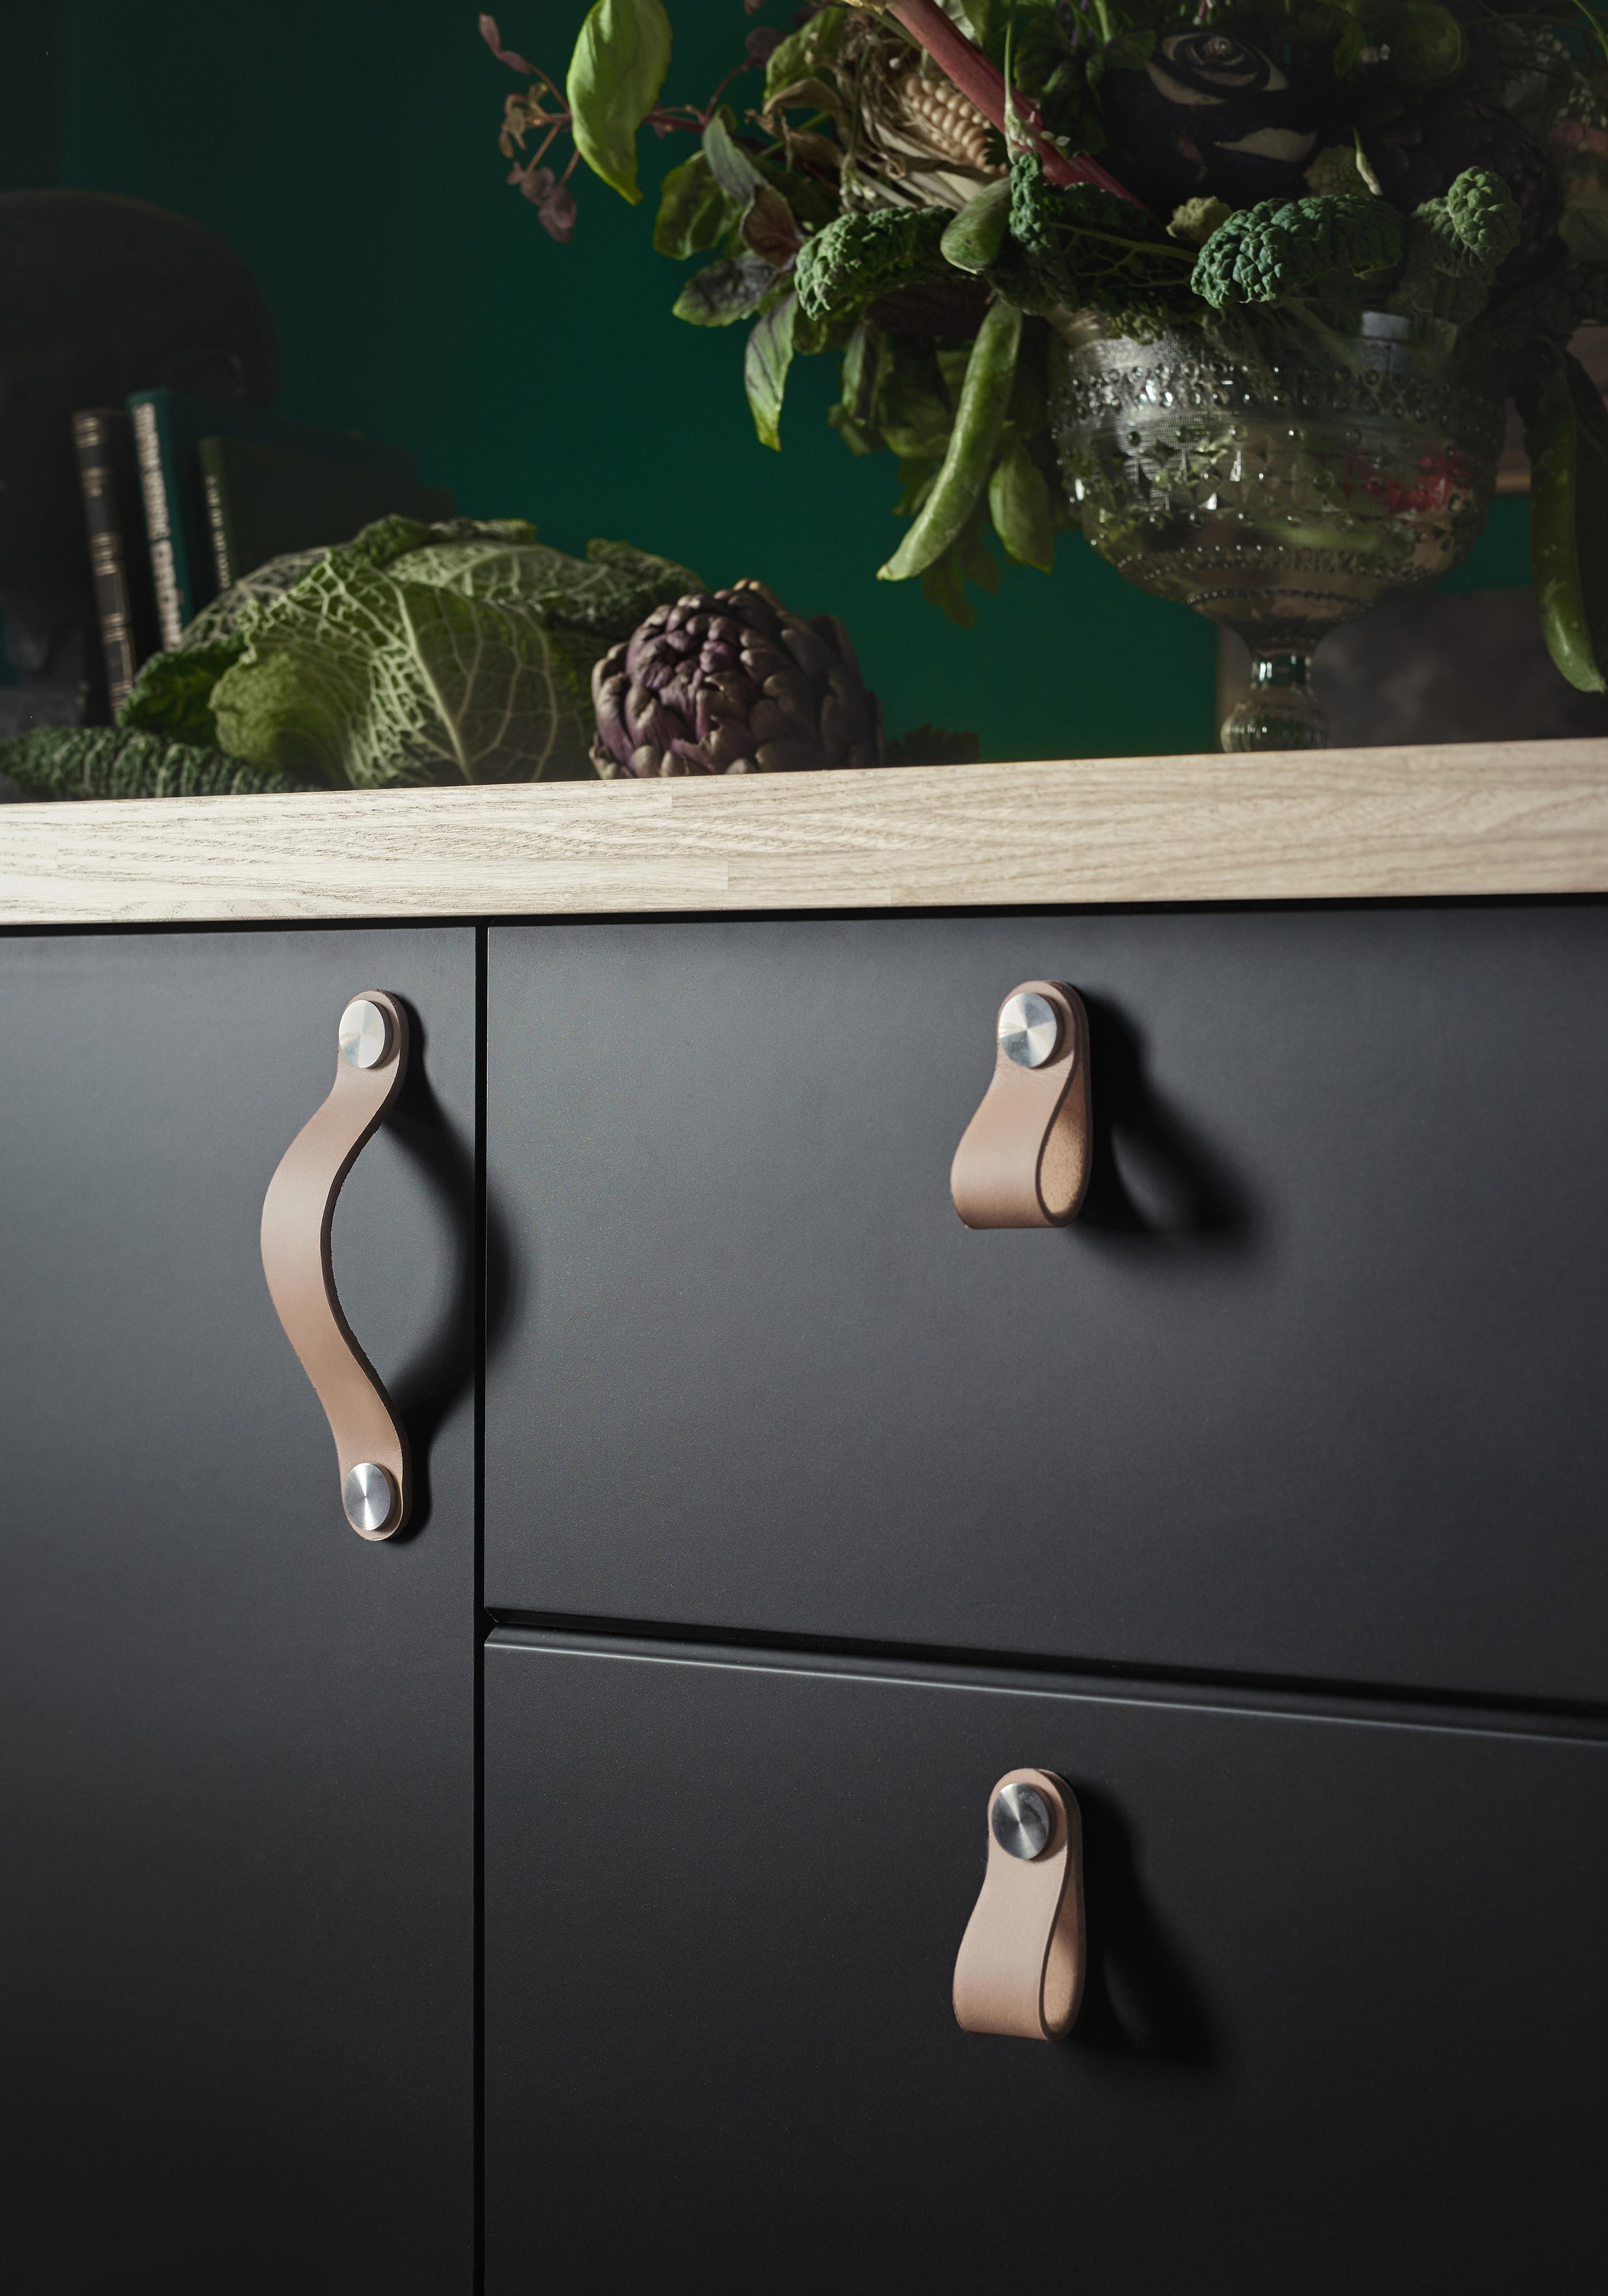 Poignée De Cuisine Ikea les poignées en cuir ÖsternÄs : le détail qui change tout